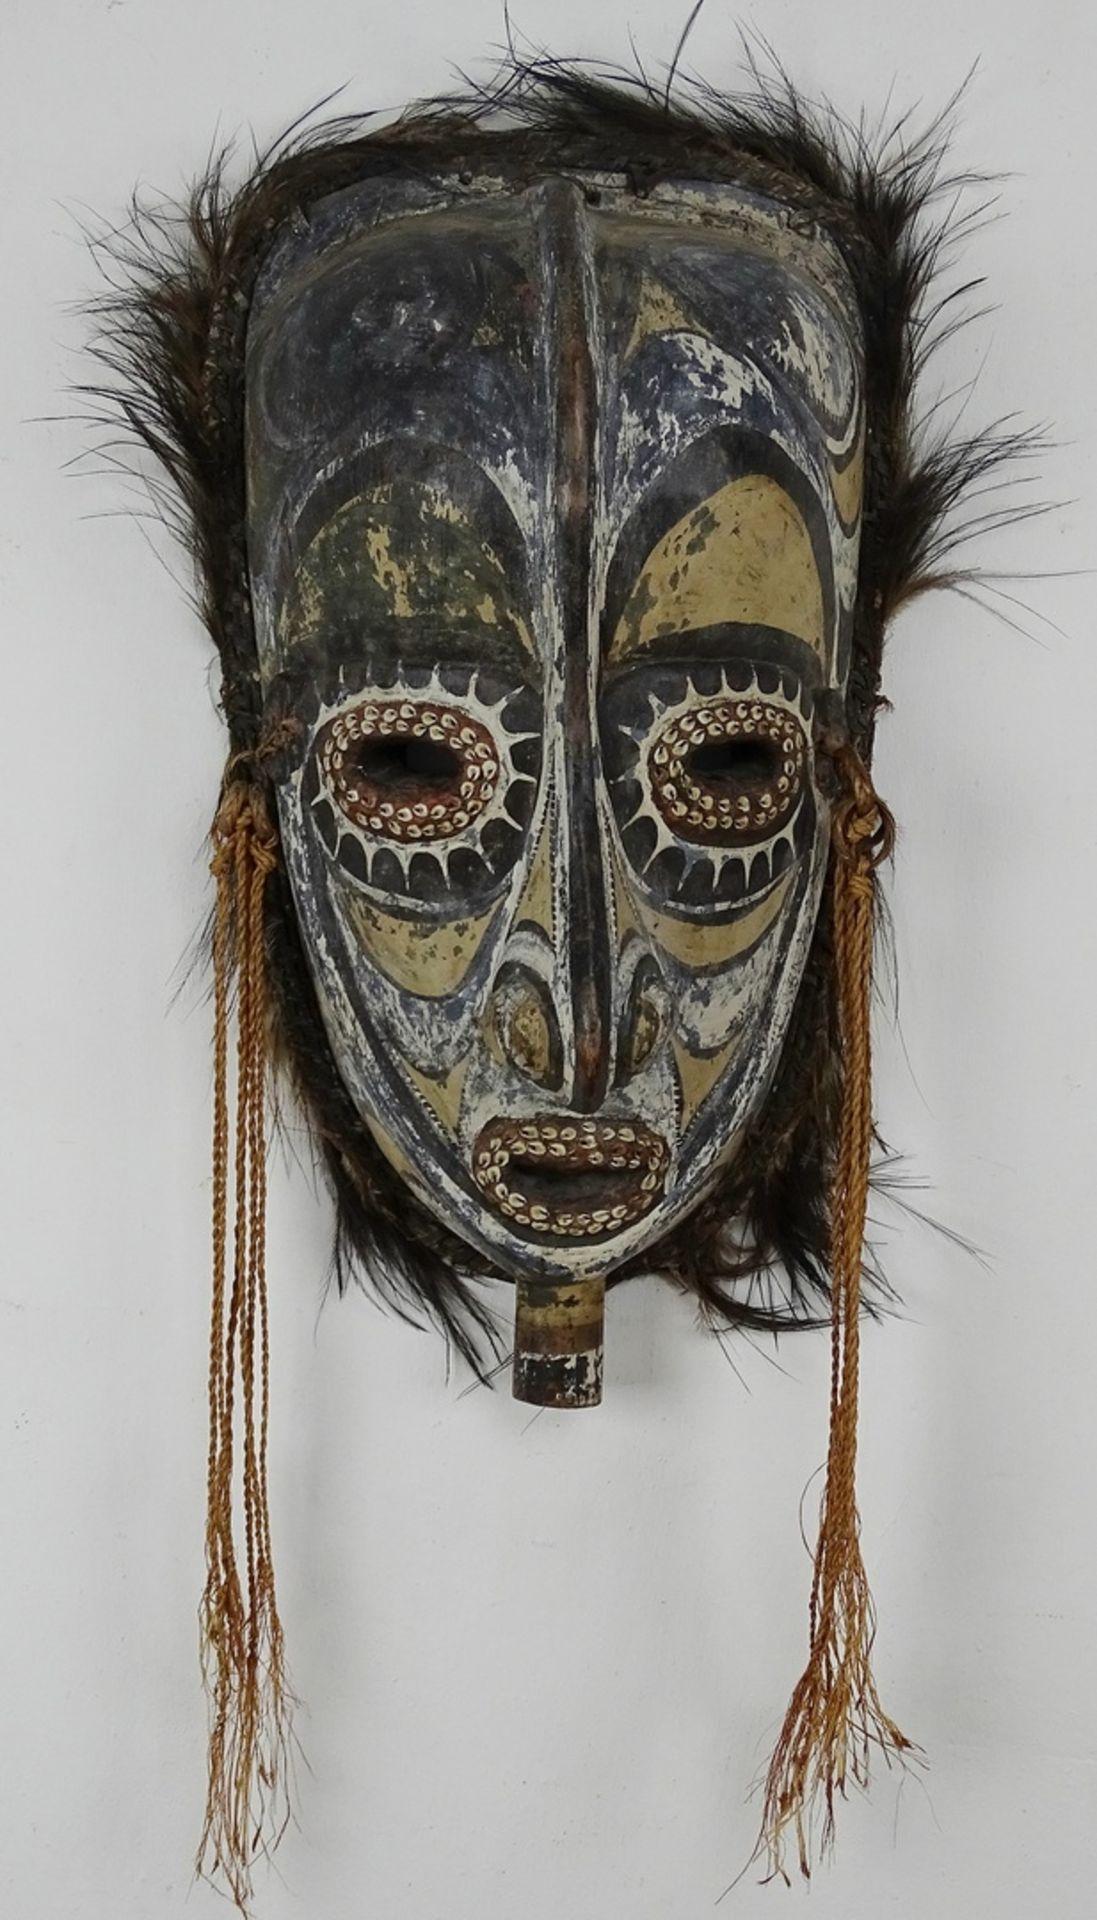 Große Maske eines Ahnengeistes, Papua-Neuguinea